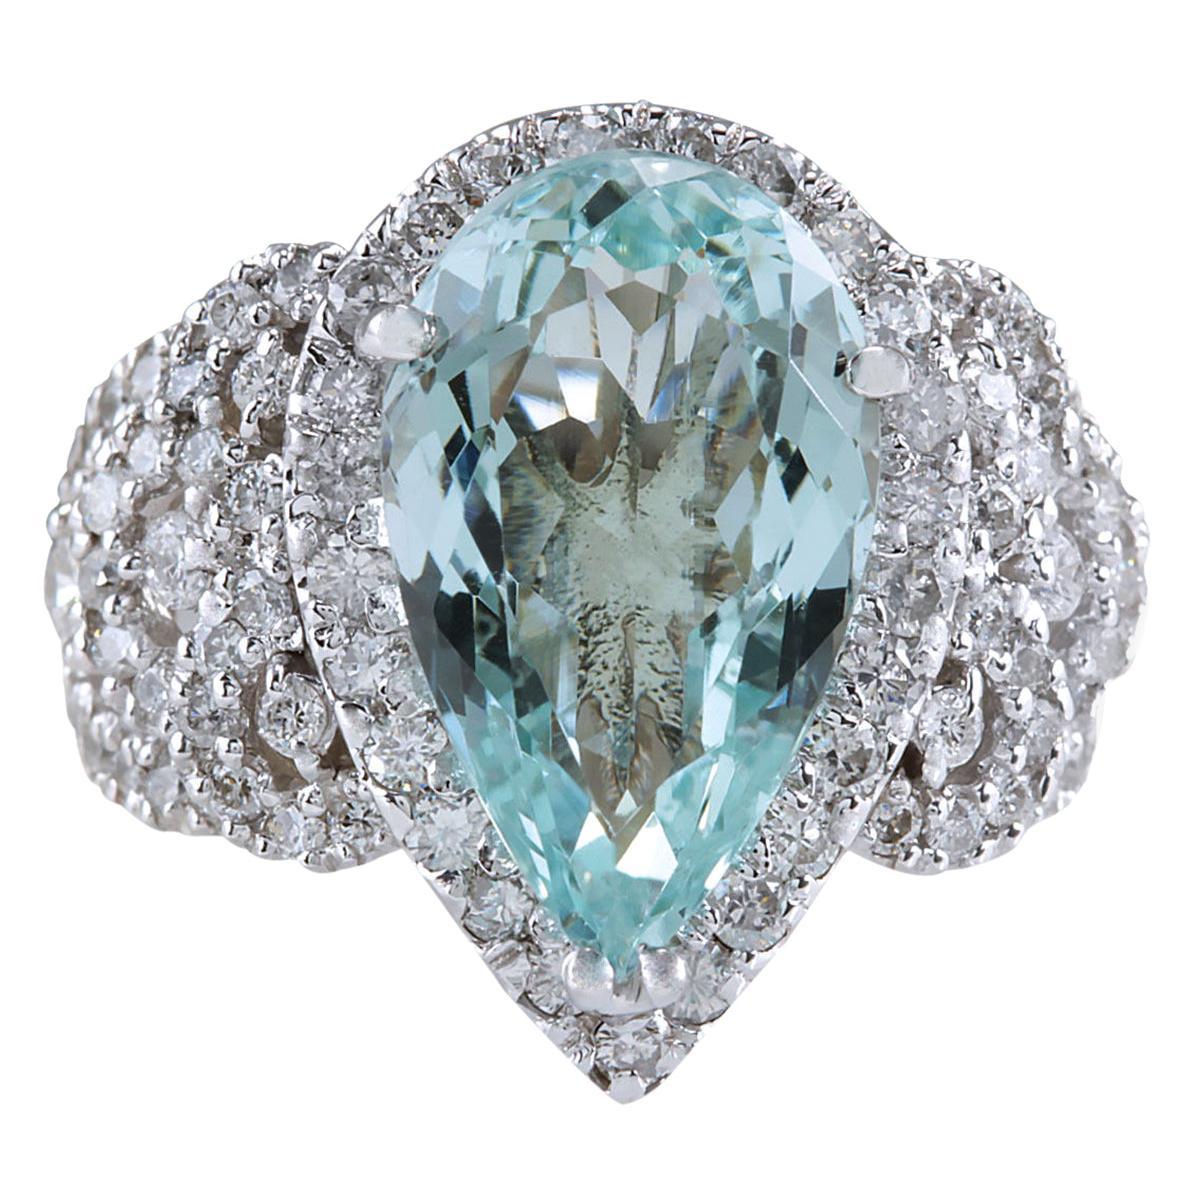 7.30 Carat Natural Aquamarine 18 Karat White Gold Diamond Ring